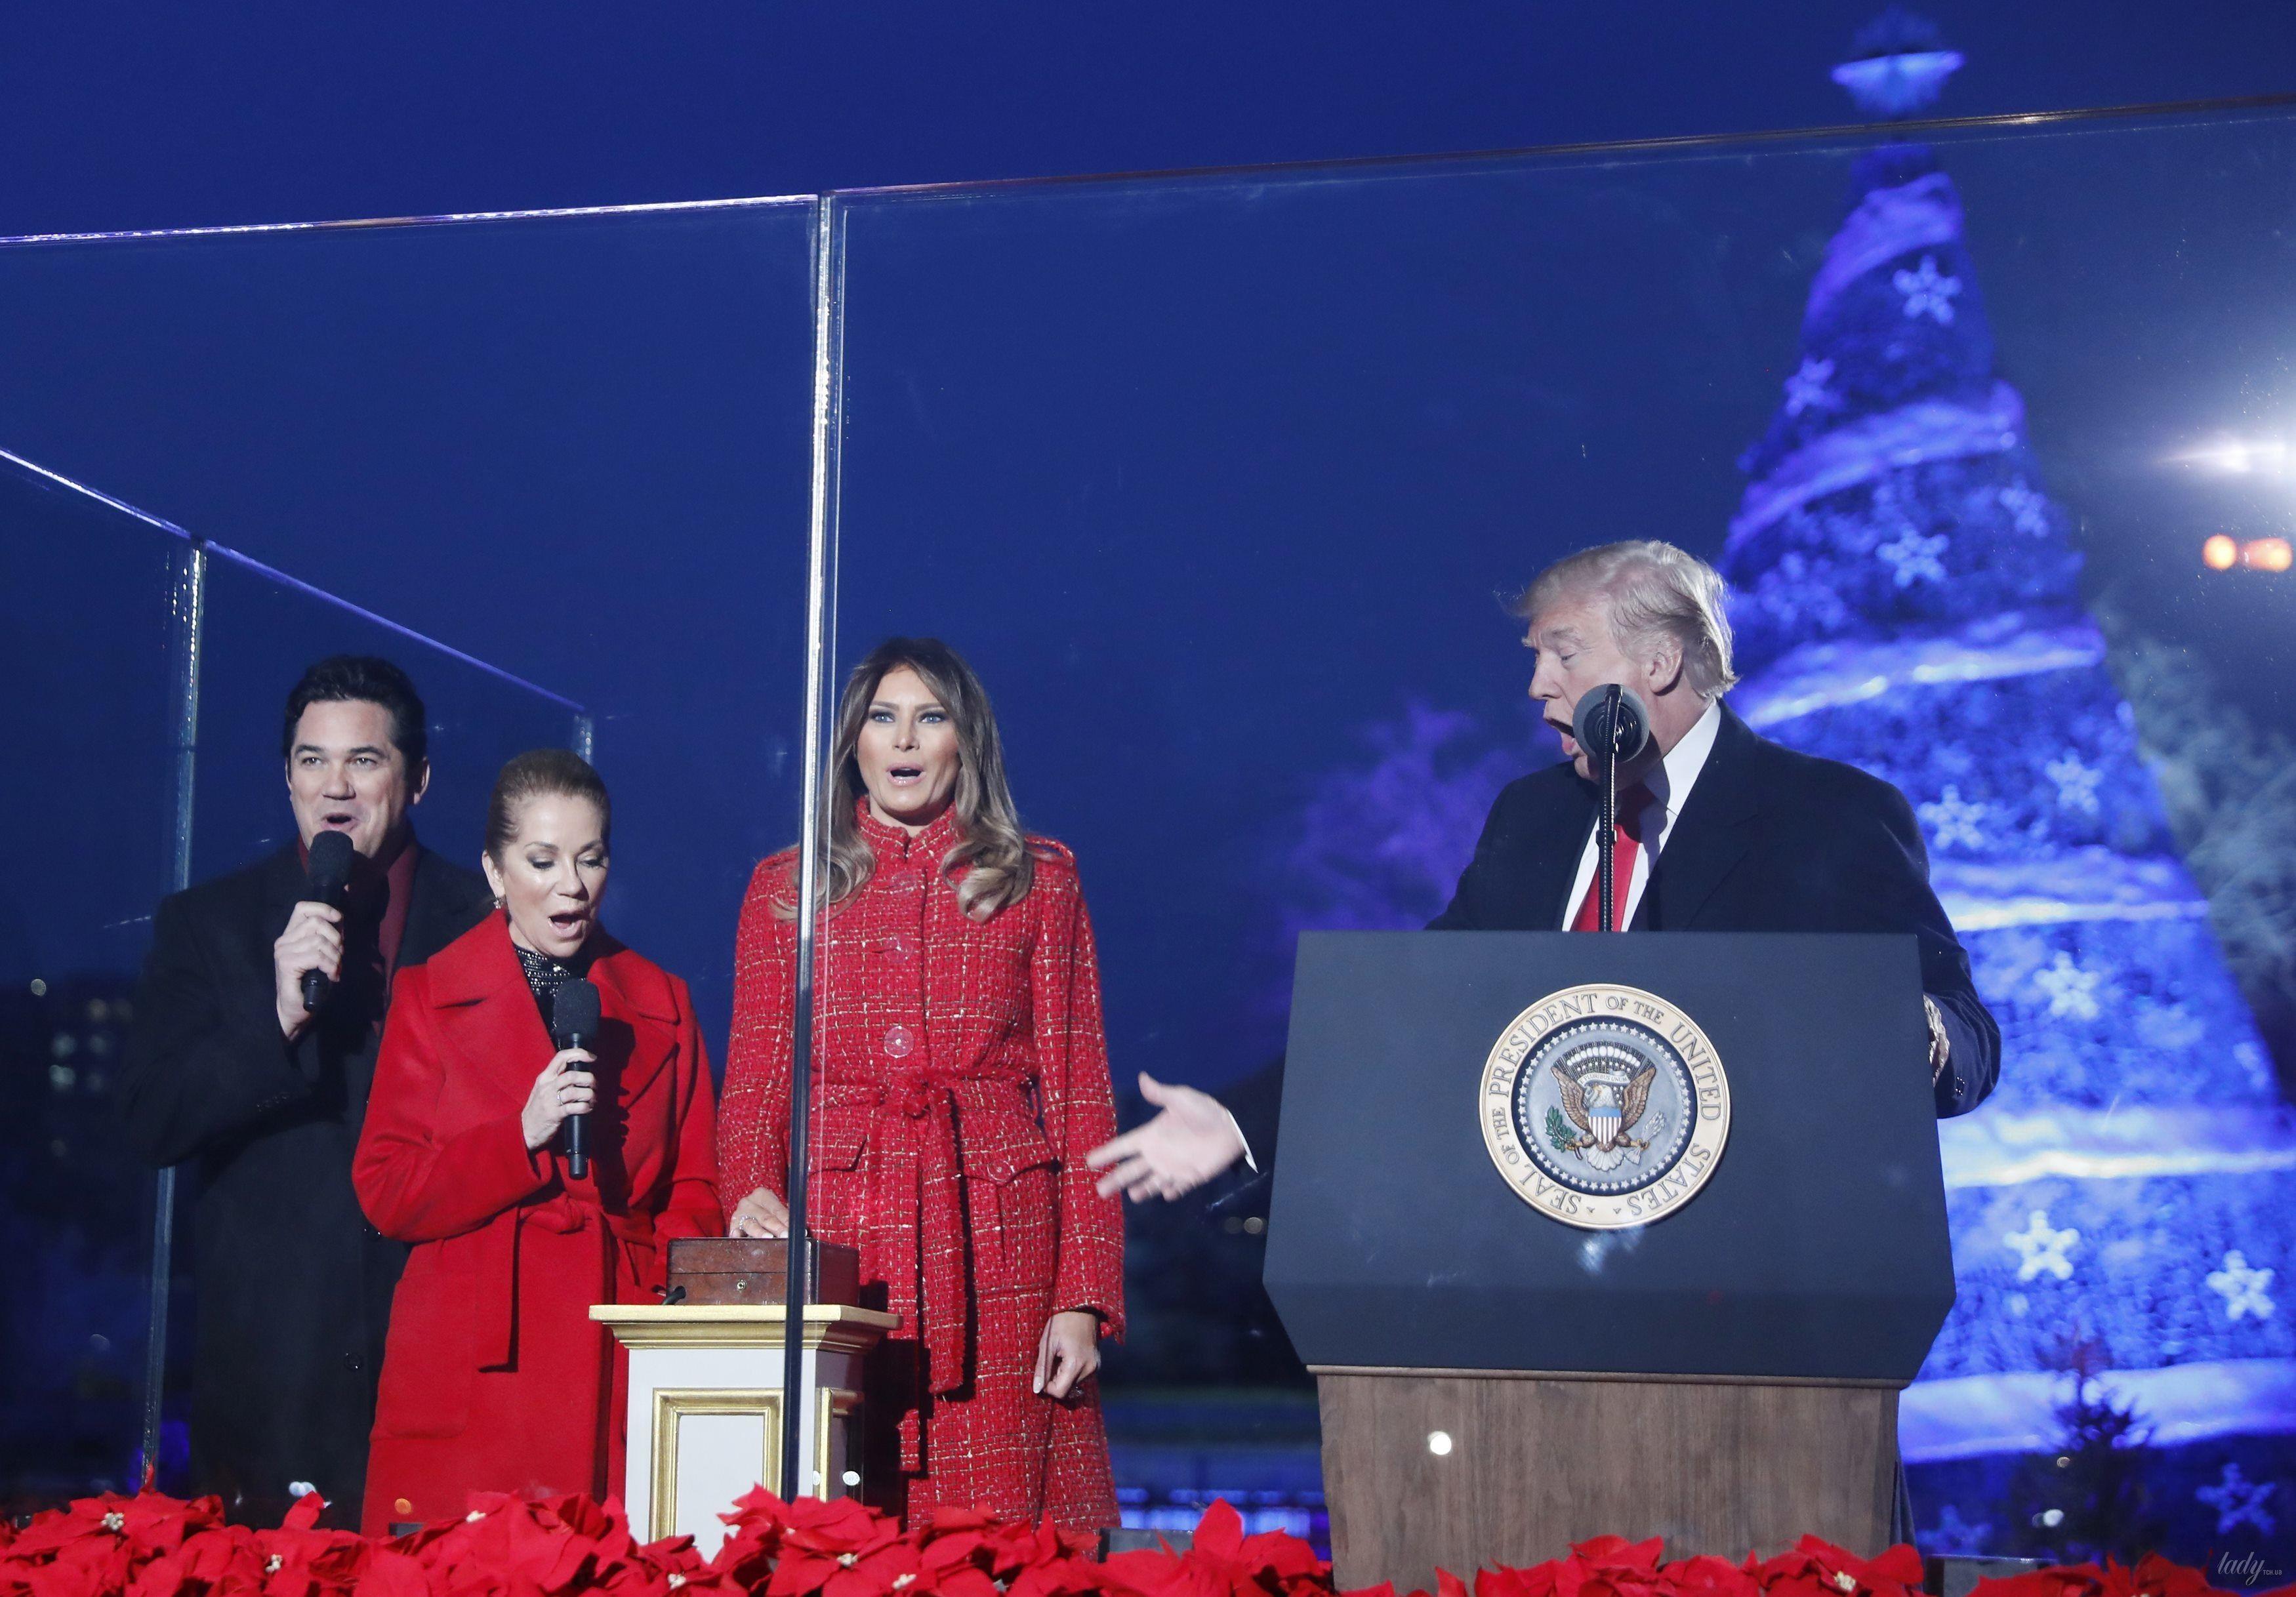 Трамп зажег огни на основной рождественской елке вСША